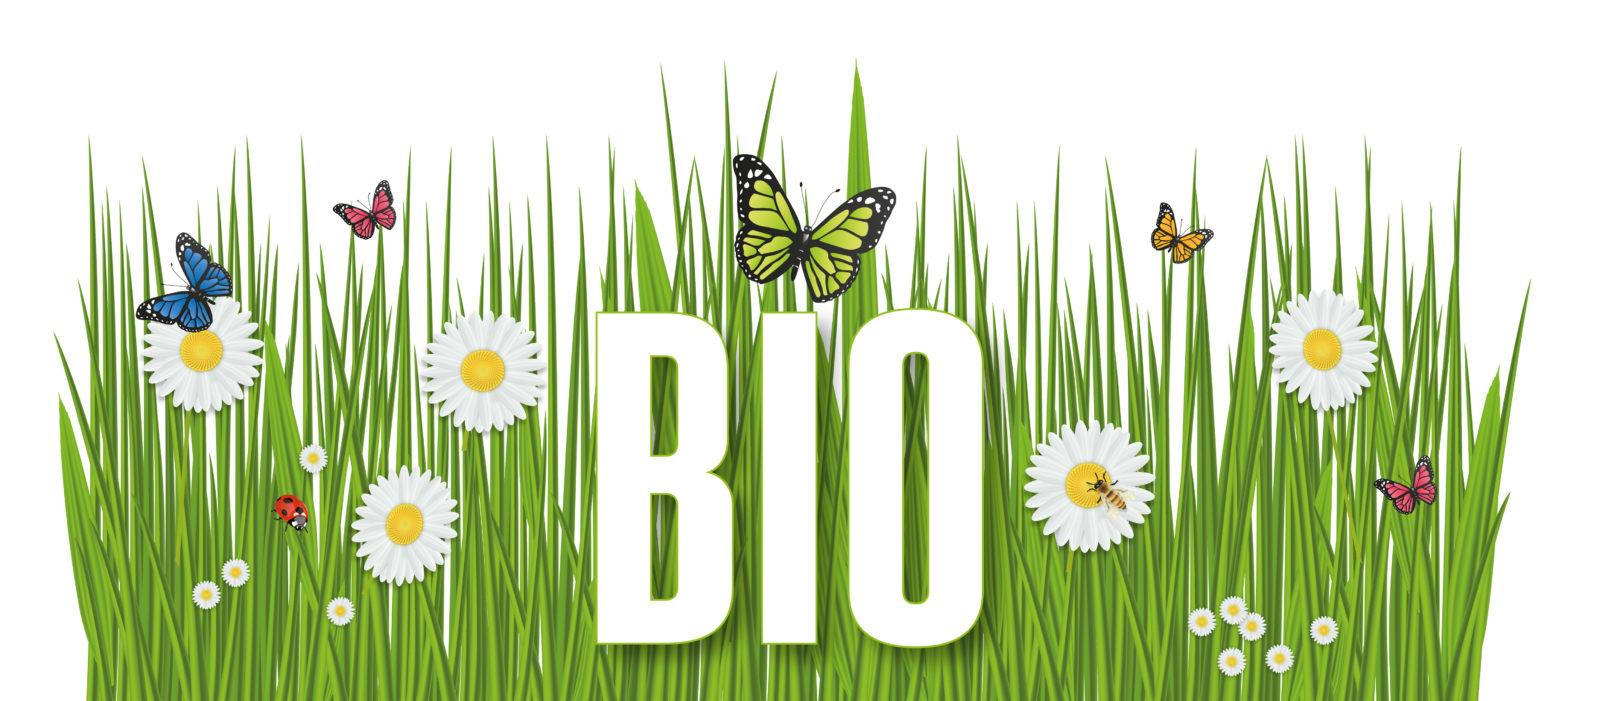 Pourquoi les produits écologiques ont-ils la cote ?